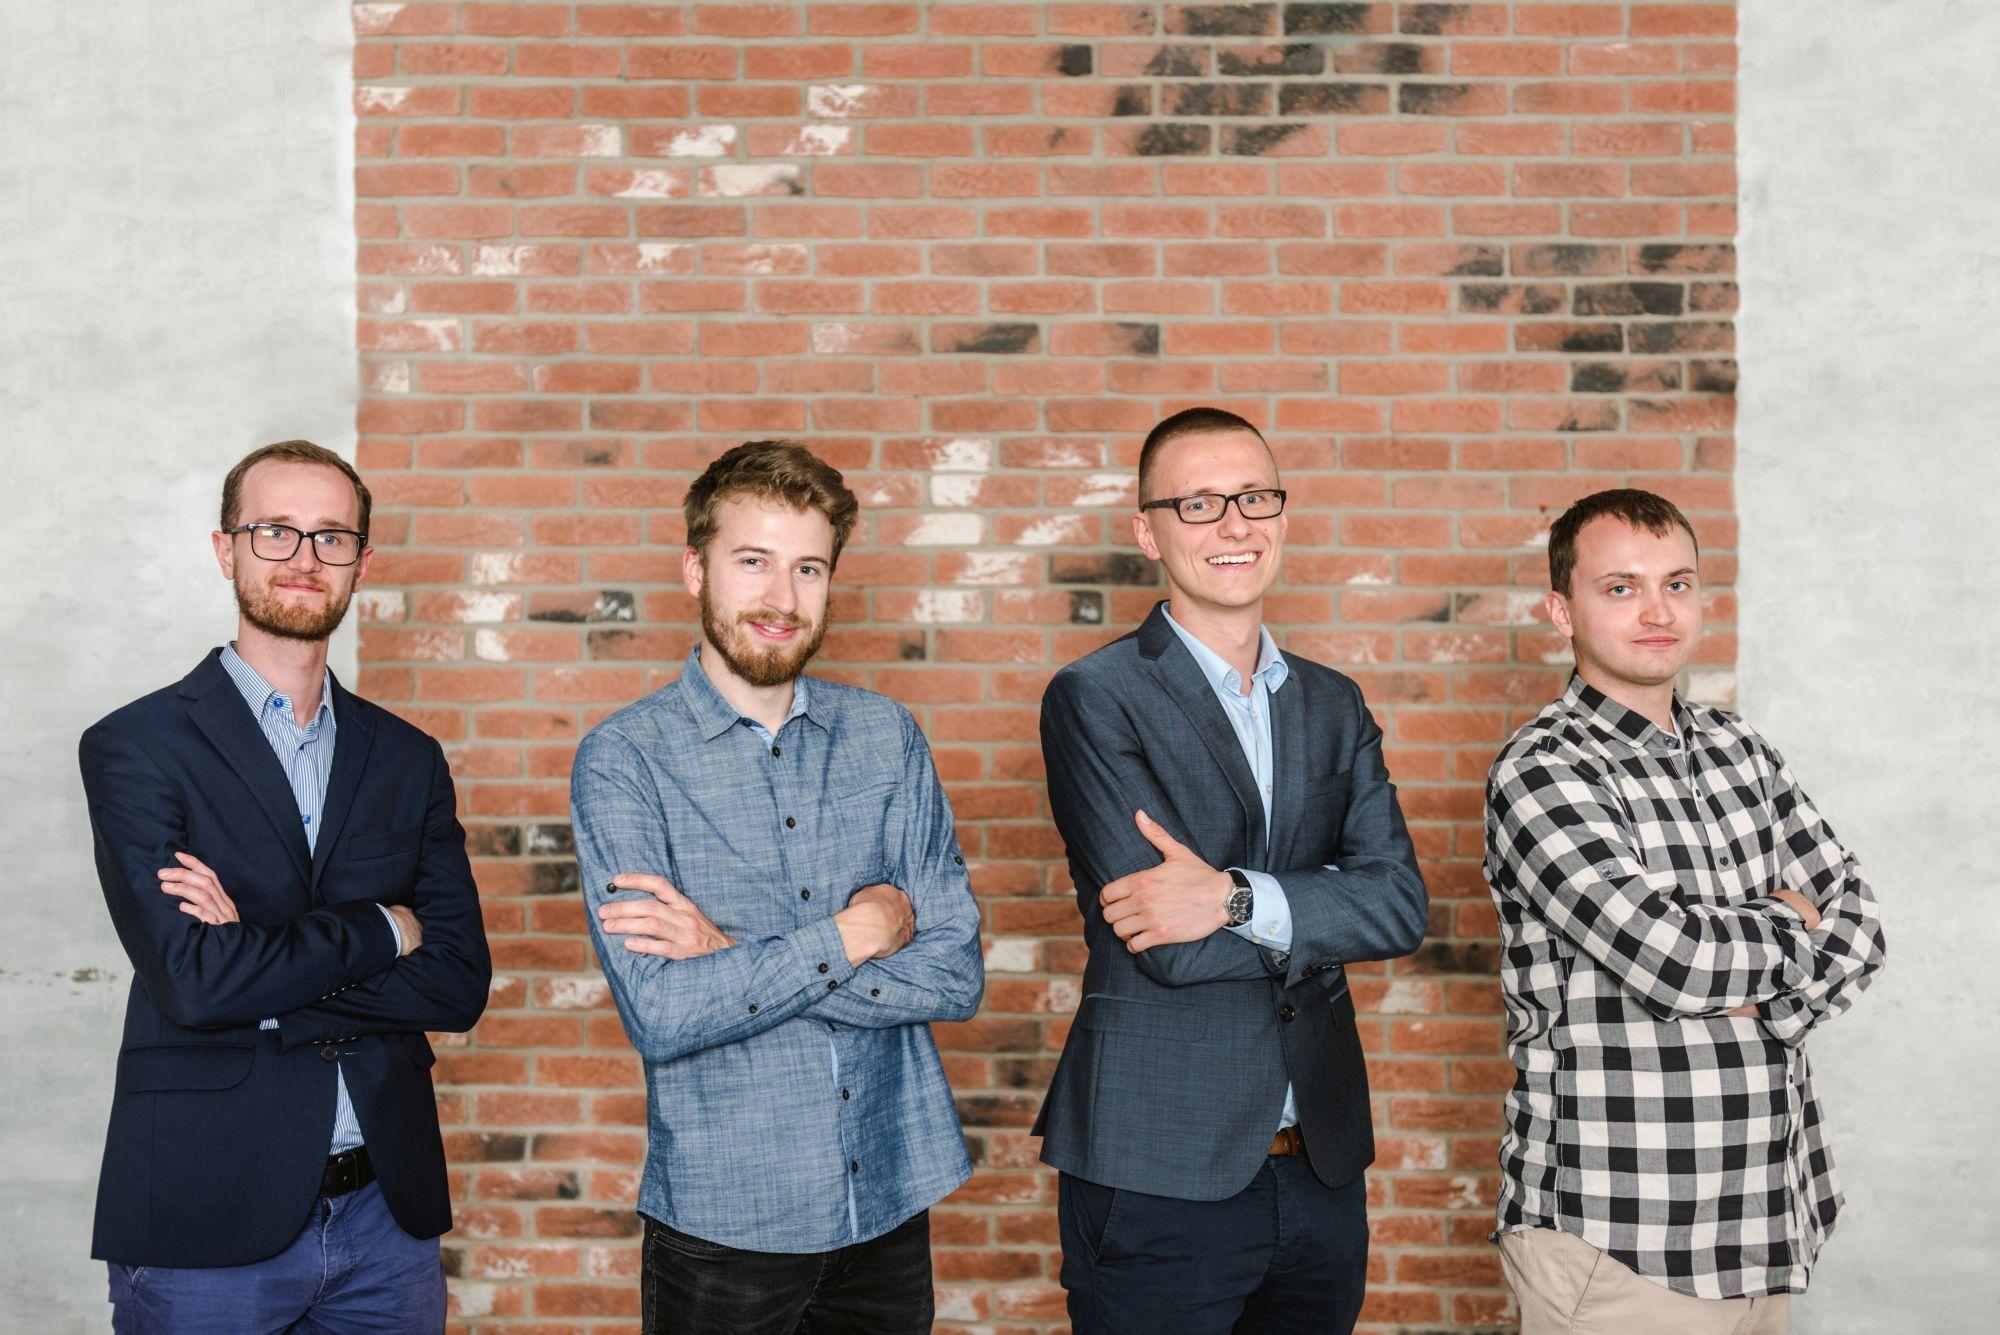 Michał Misiek, Aleksander Konior, Wiktor Warchałowski, Michał Kiełtyka